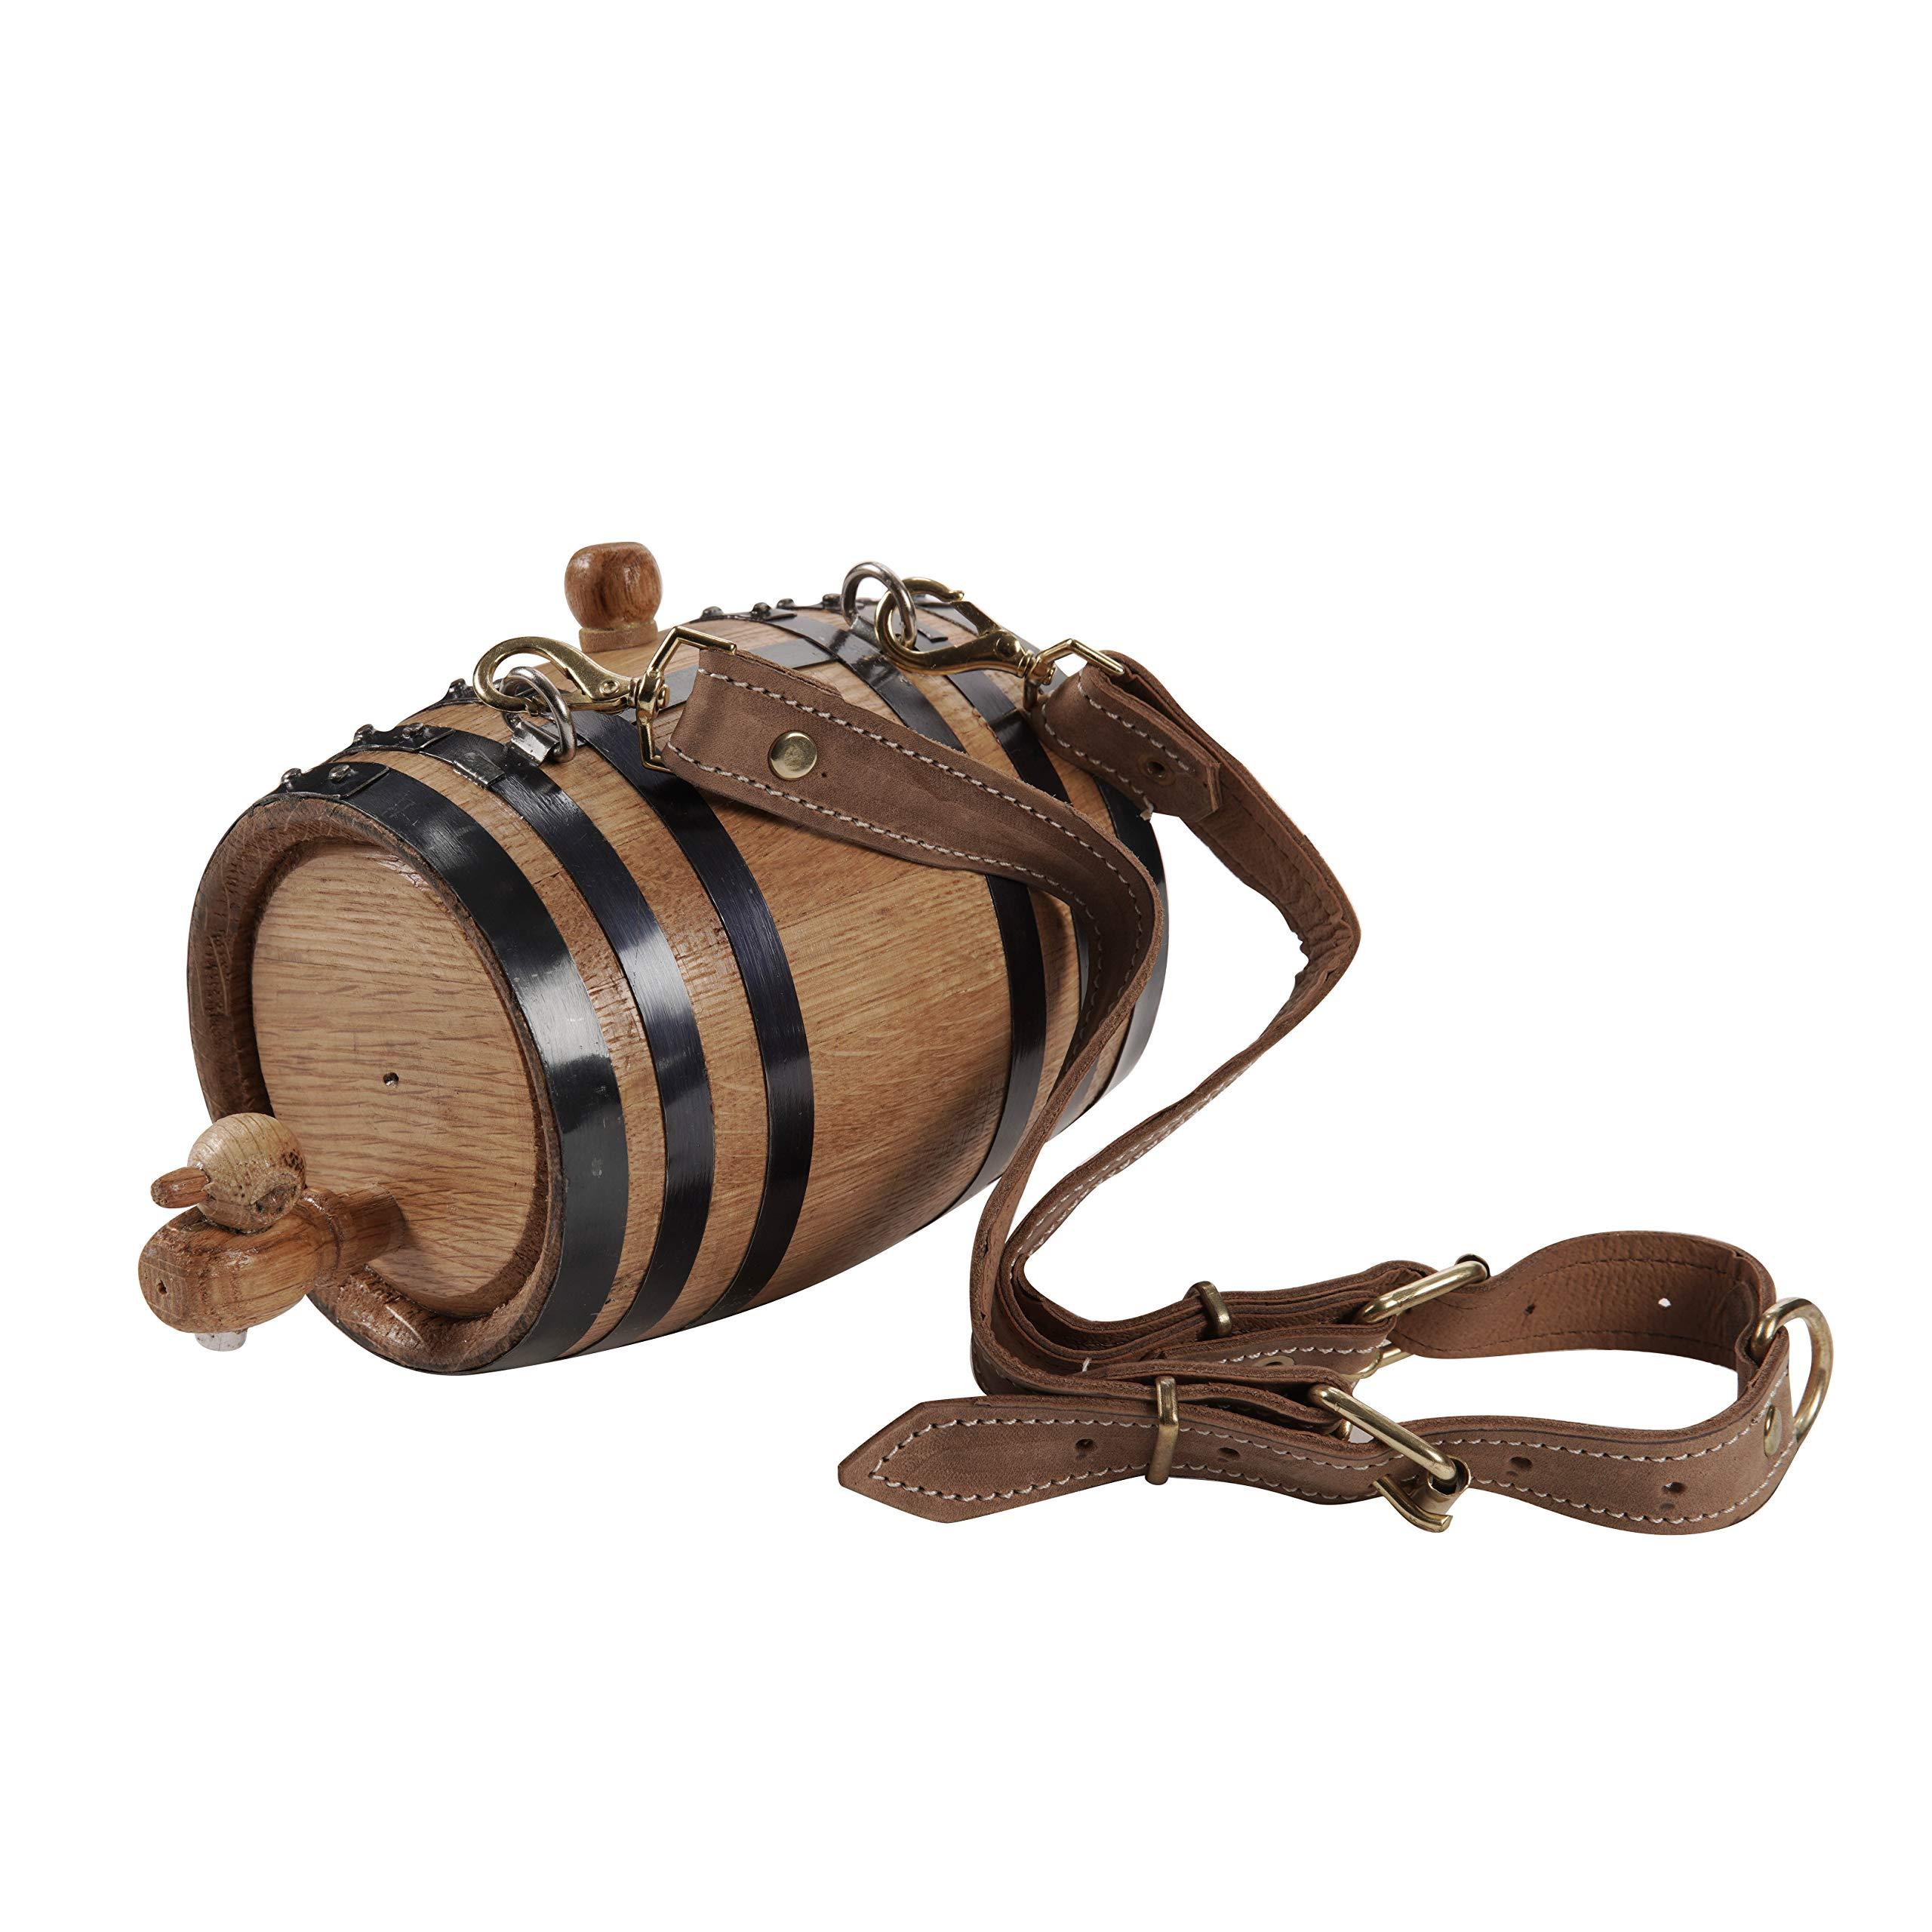 KegWorks St. Bernard Dog Collar Wood Rescue Barrel - Black Bands - 1/2 Liter Capacity by KegWorks